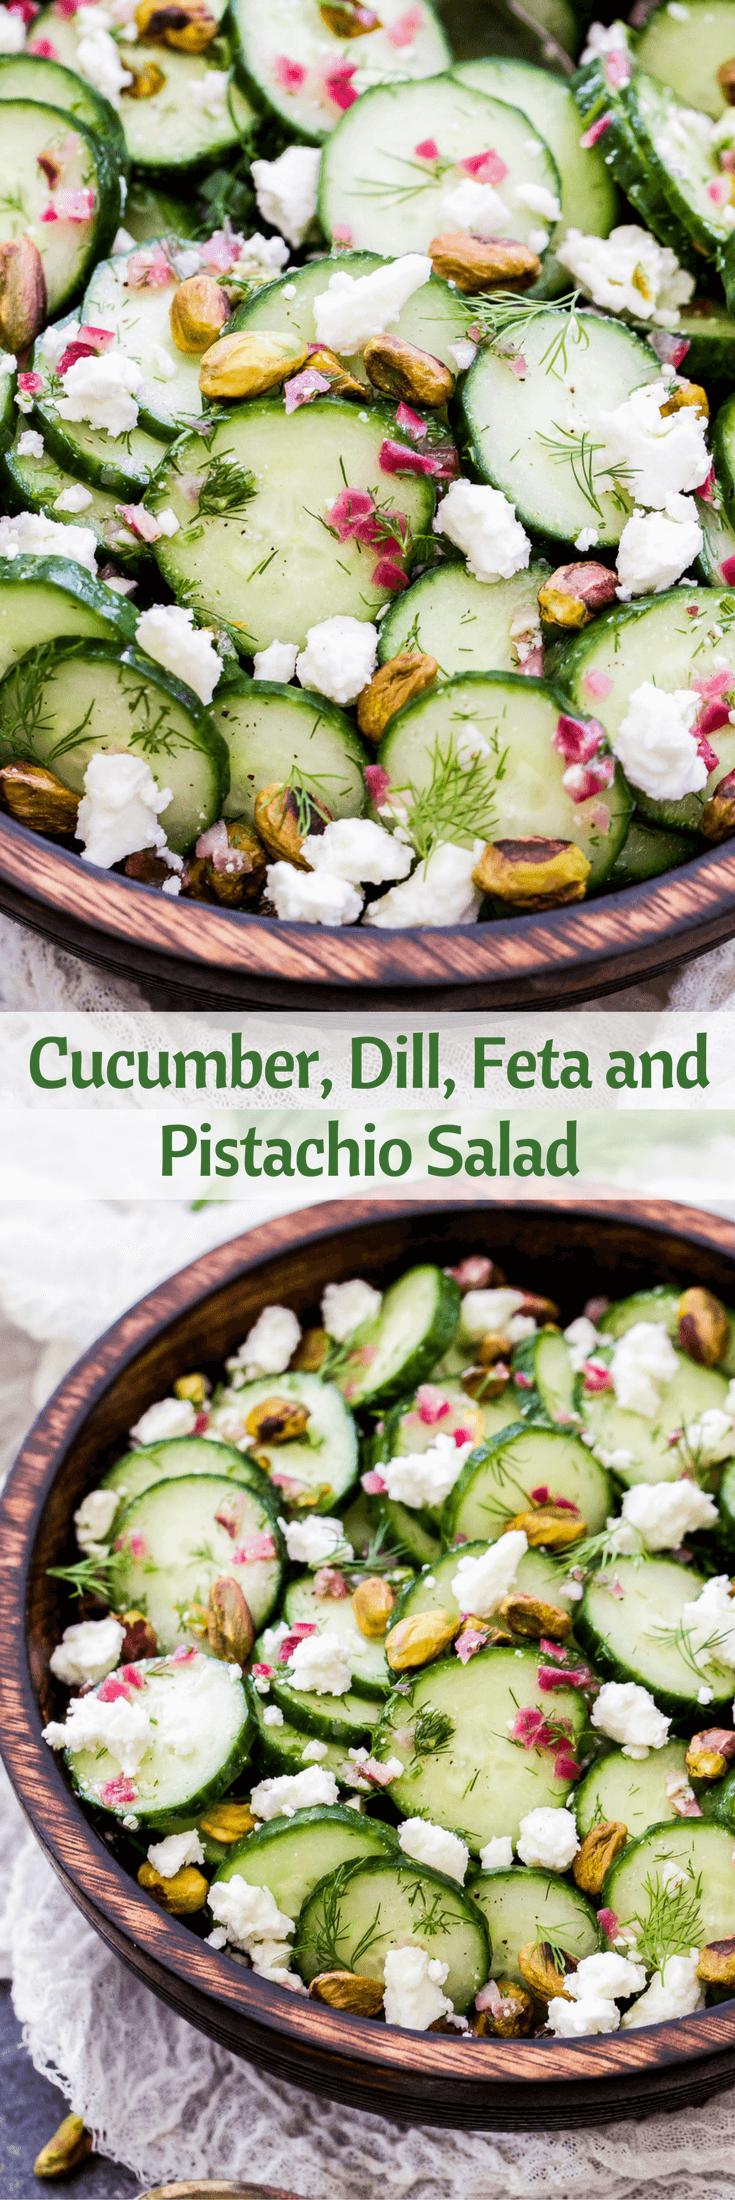 Cucumber, Dill, Feta and Pistachio Salad - Recipe Runner